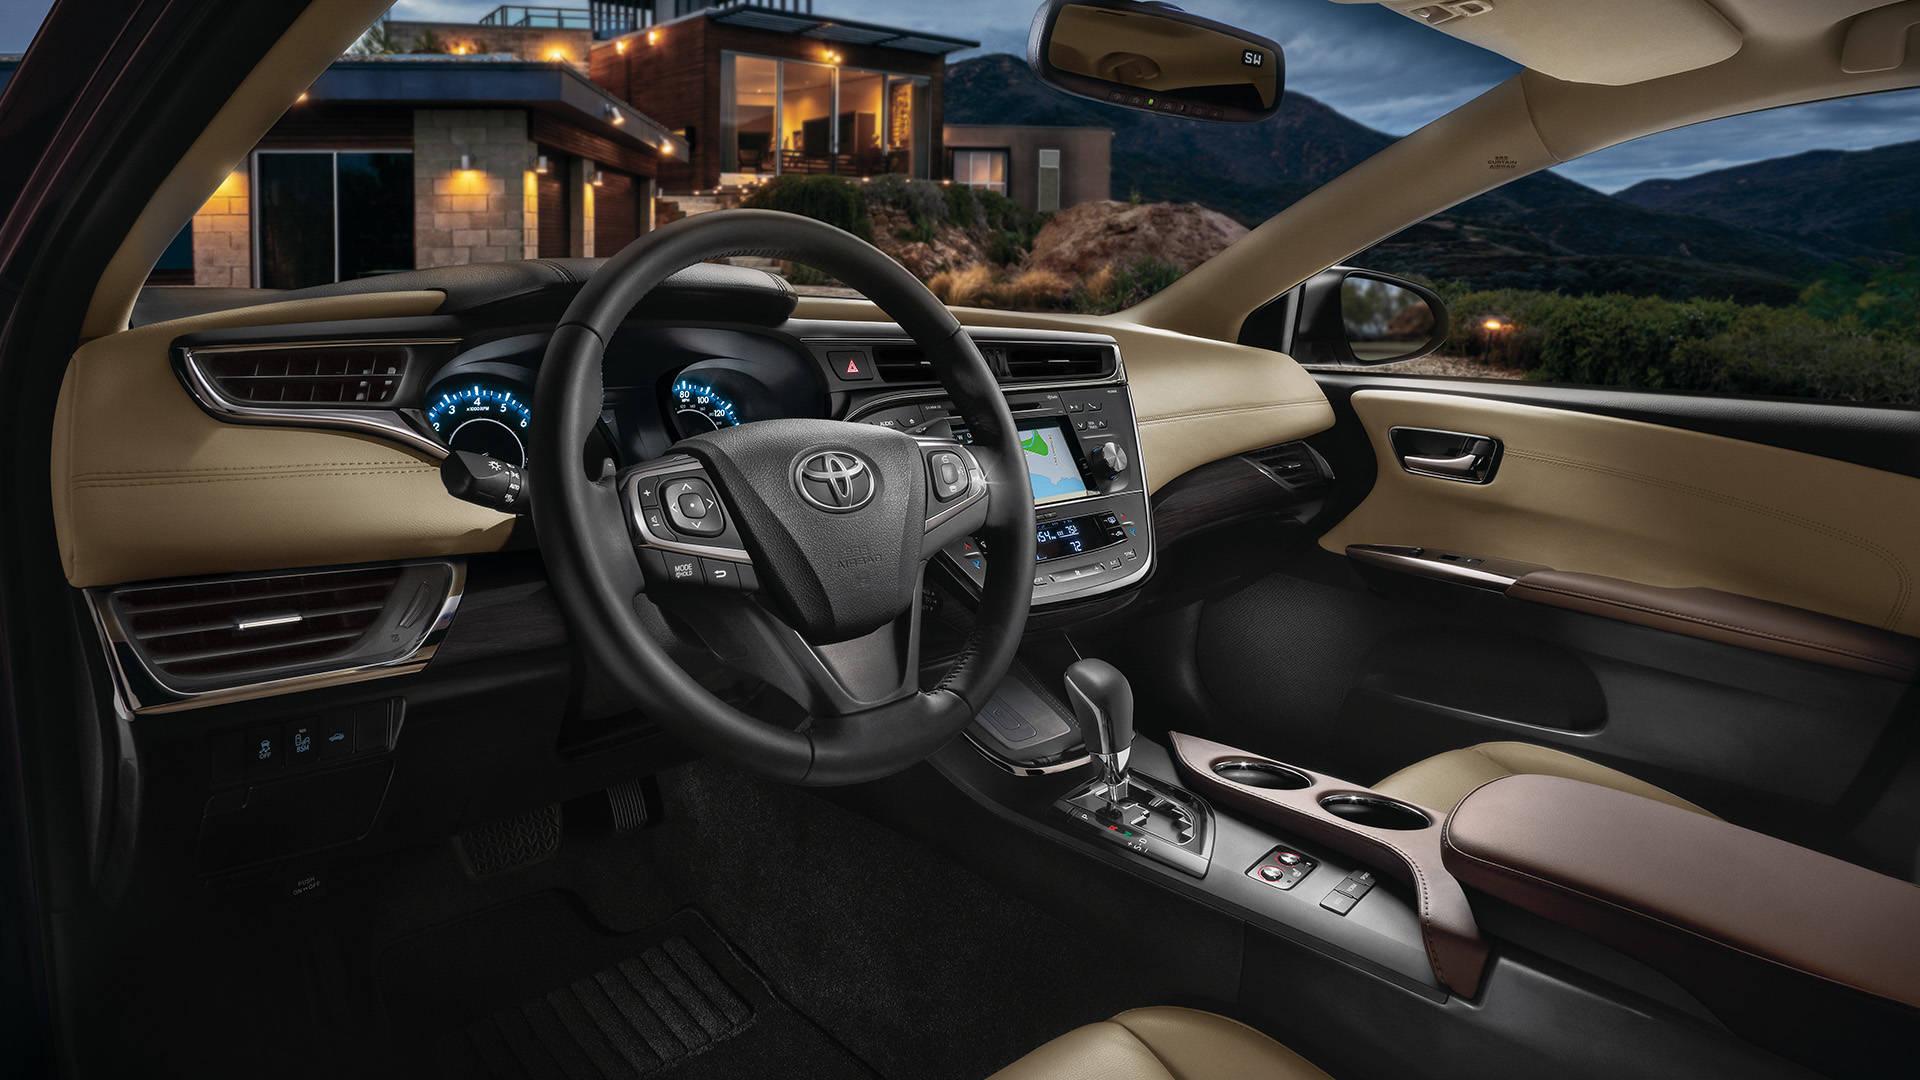 2018 Toyota Avalon Hybrid Interior